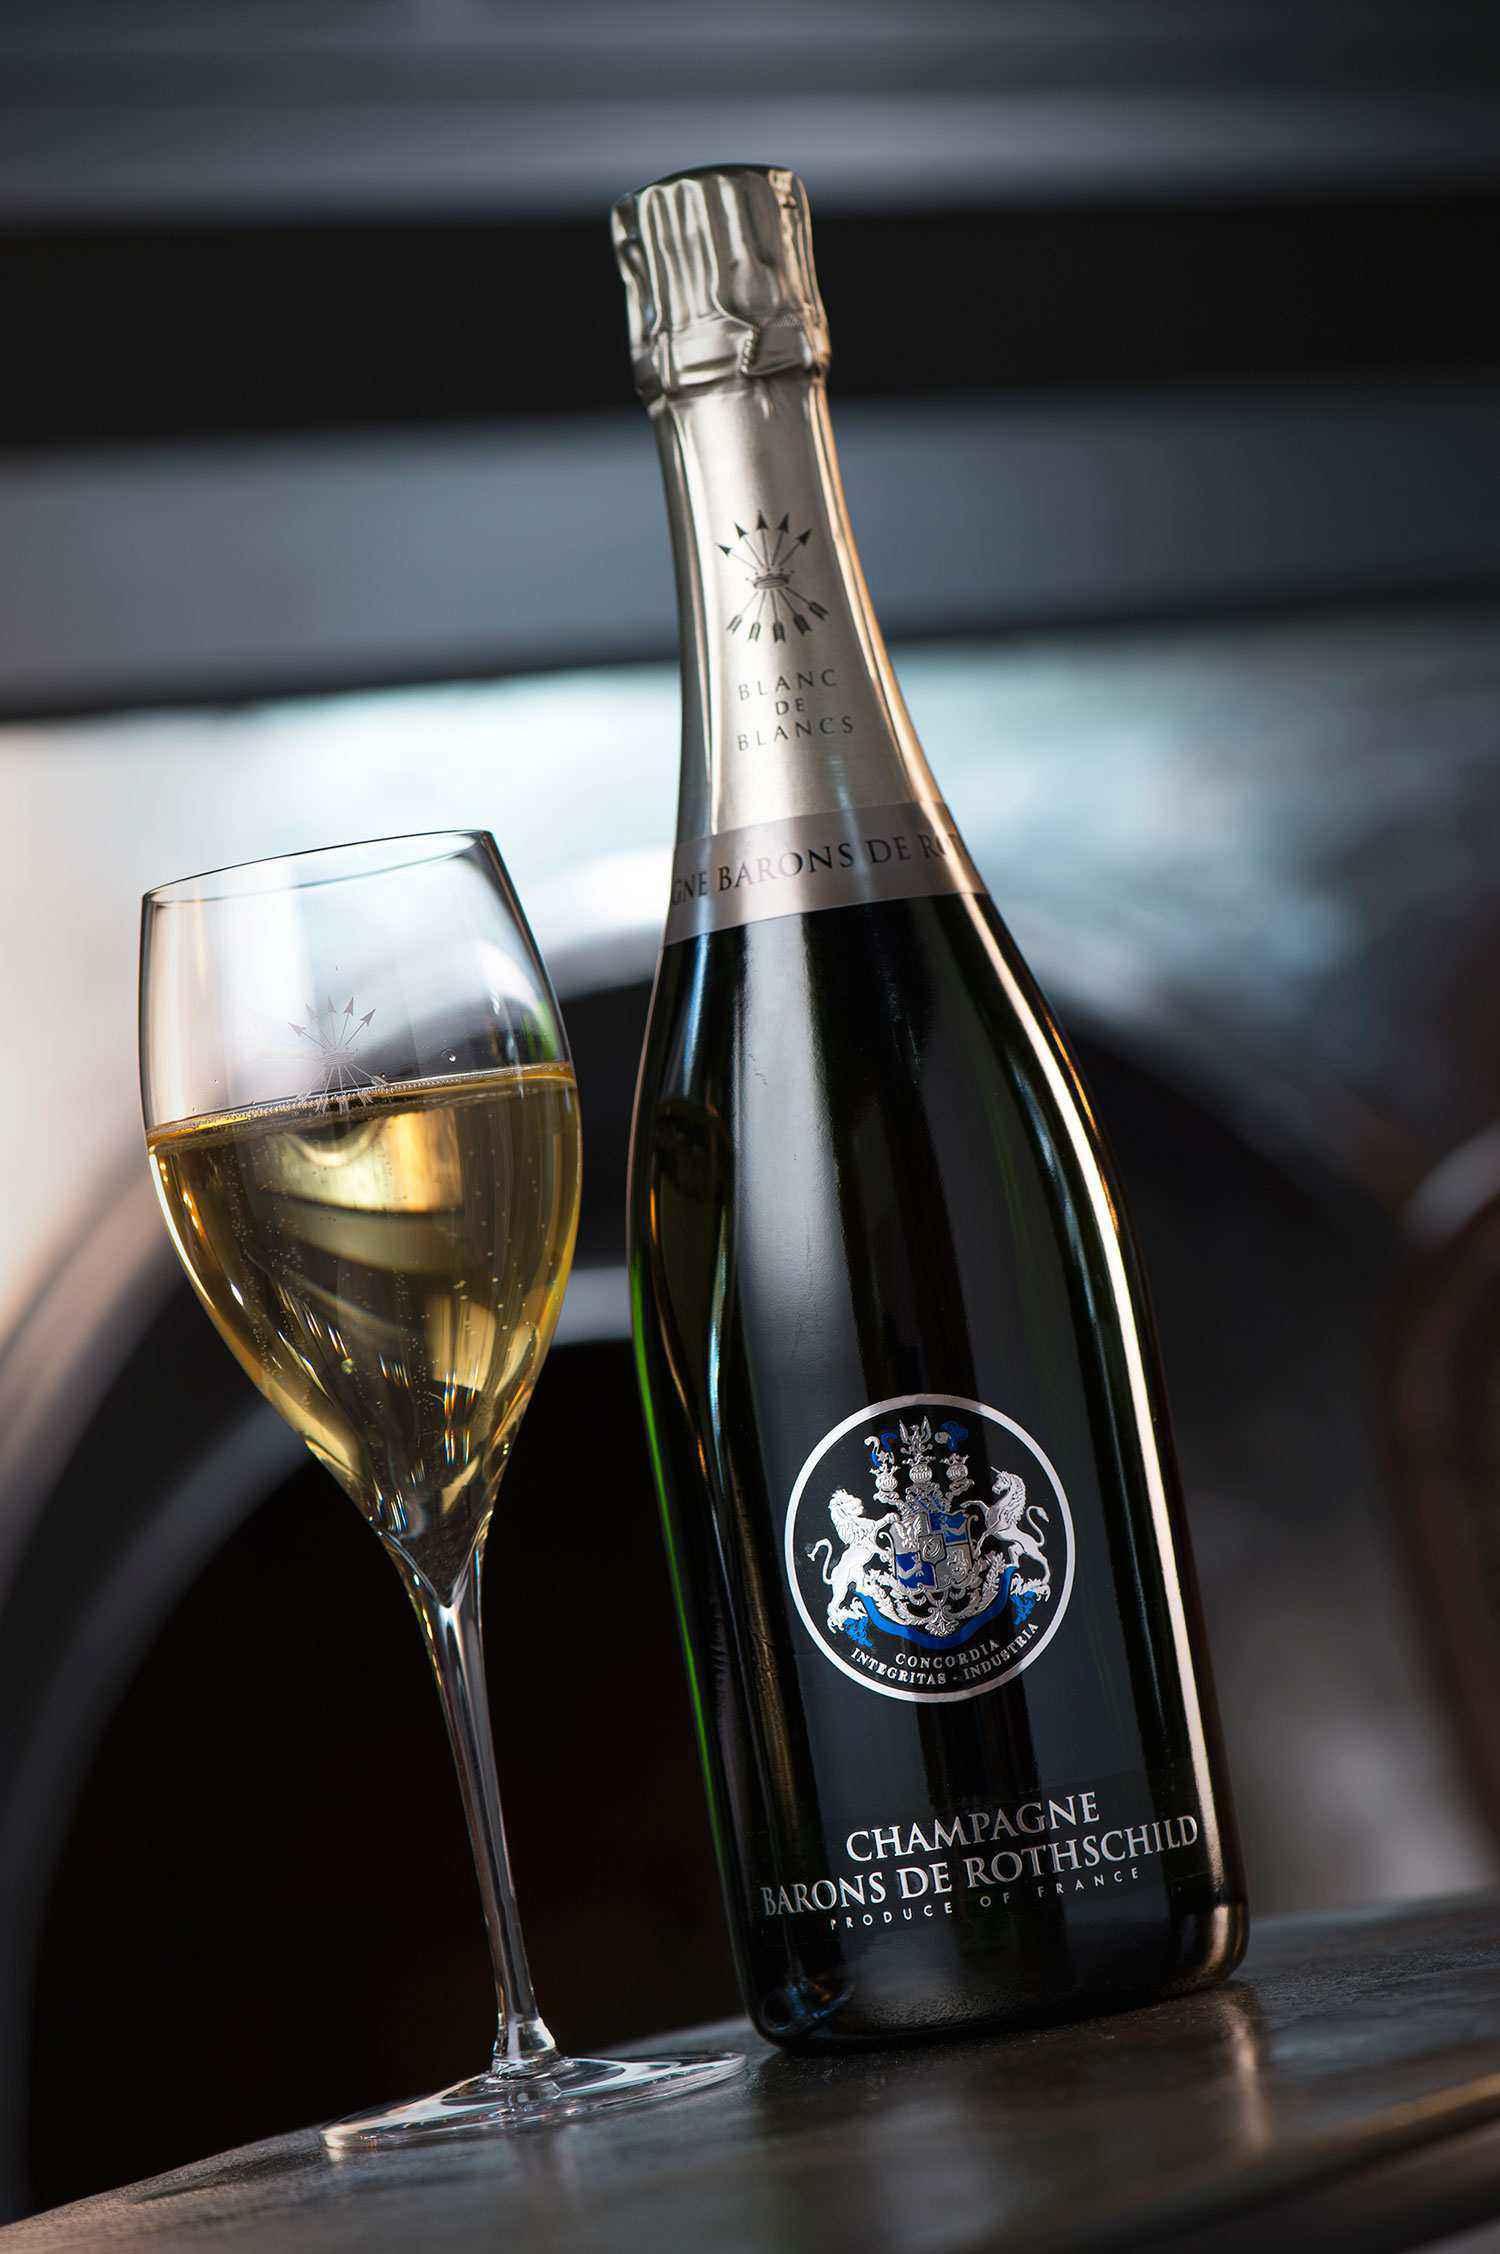 春节怎能少了以倒香槟为开场的欢乐时光?